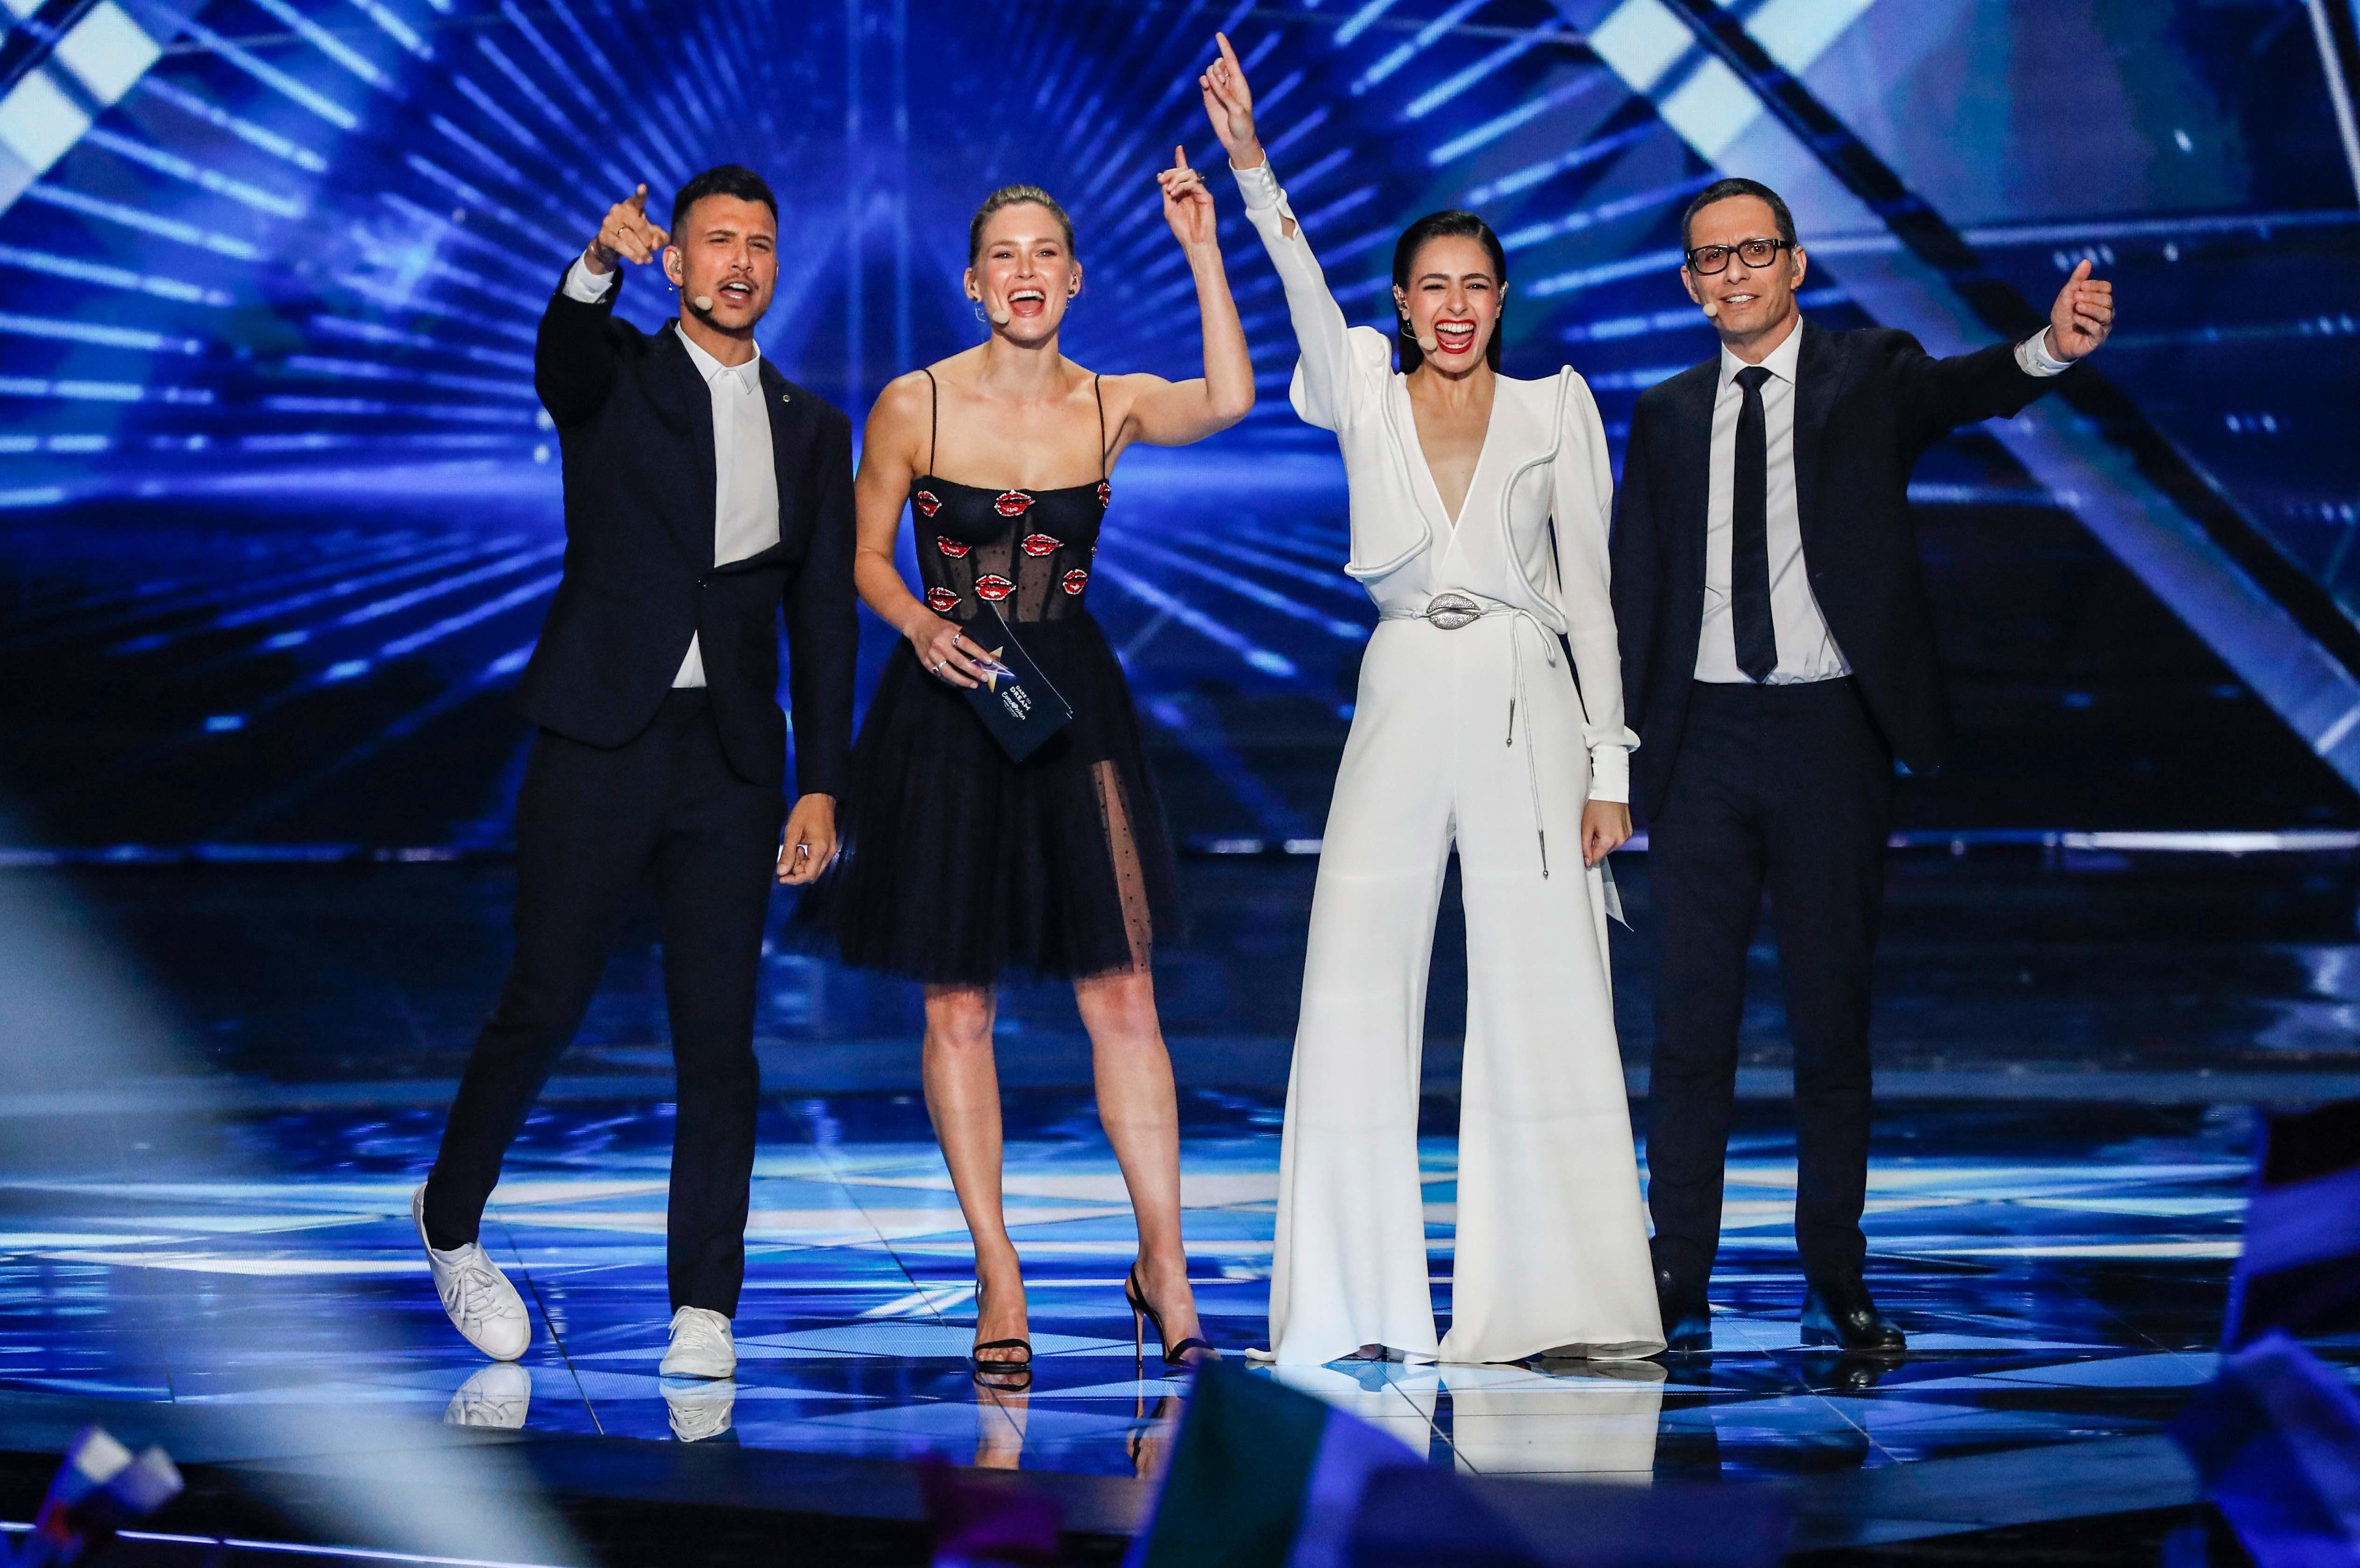 Євробачення 2019: визначено порядок виступів у фіналі